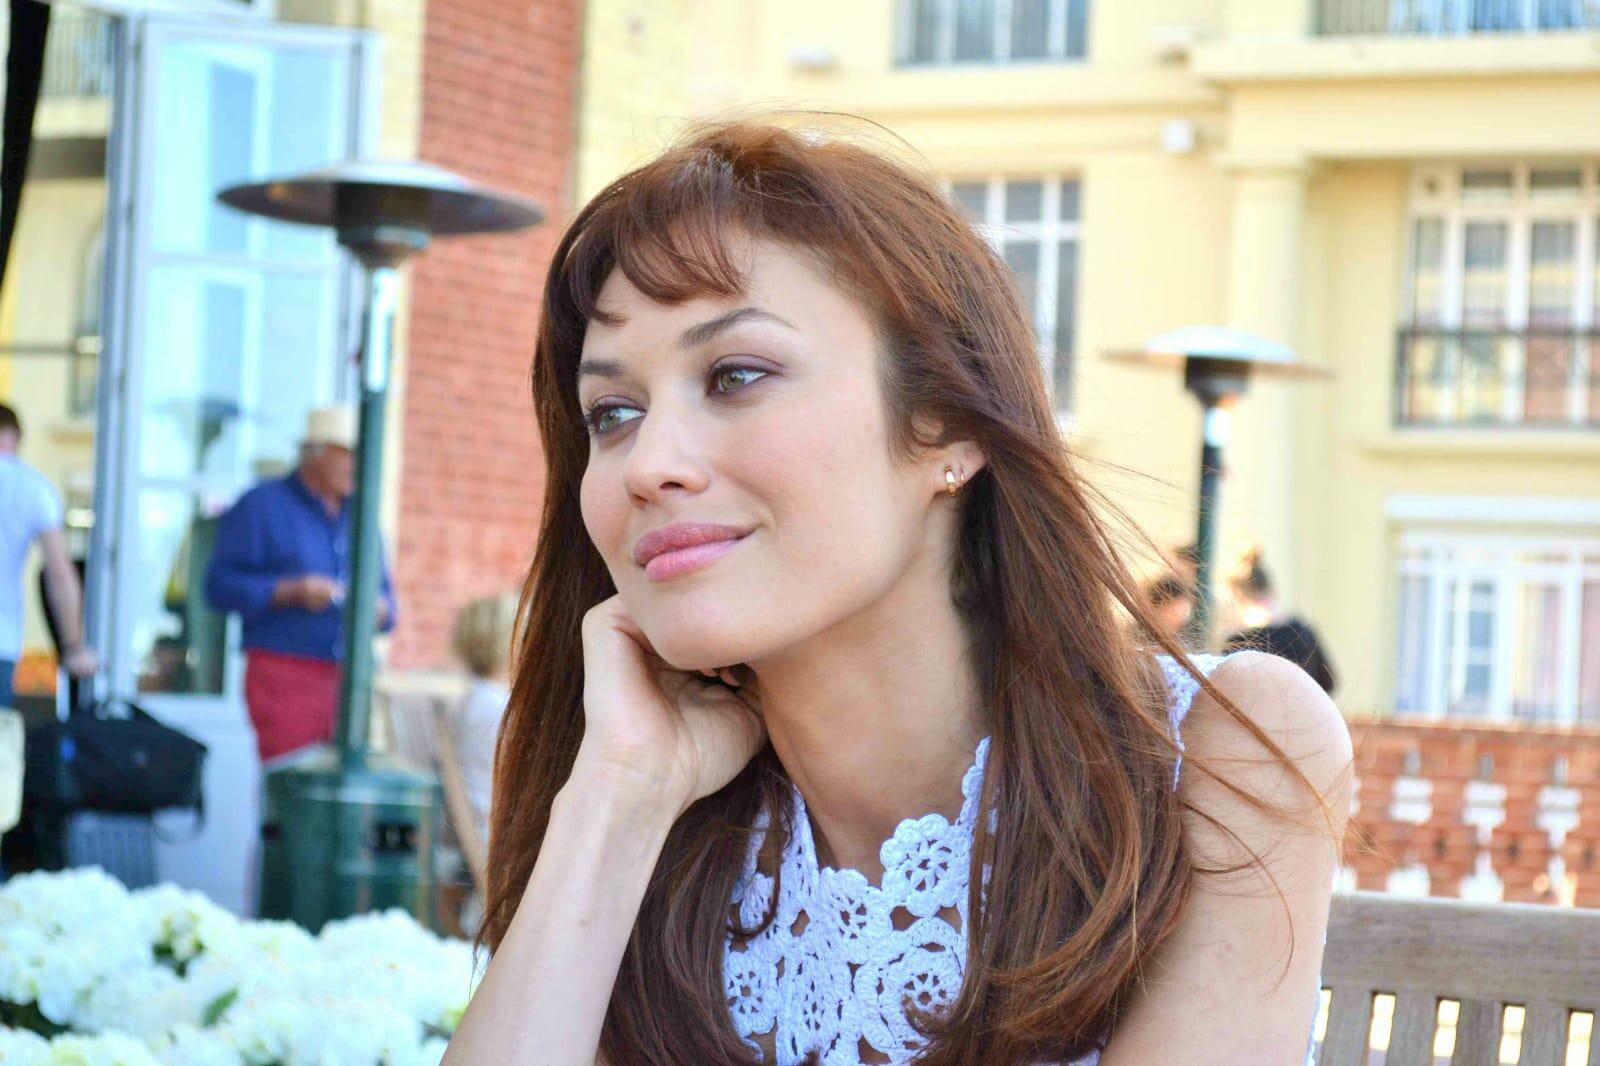 Miss Bobby_Olga_Kurylenko_Deauville 2014